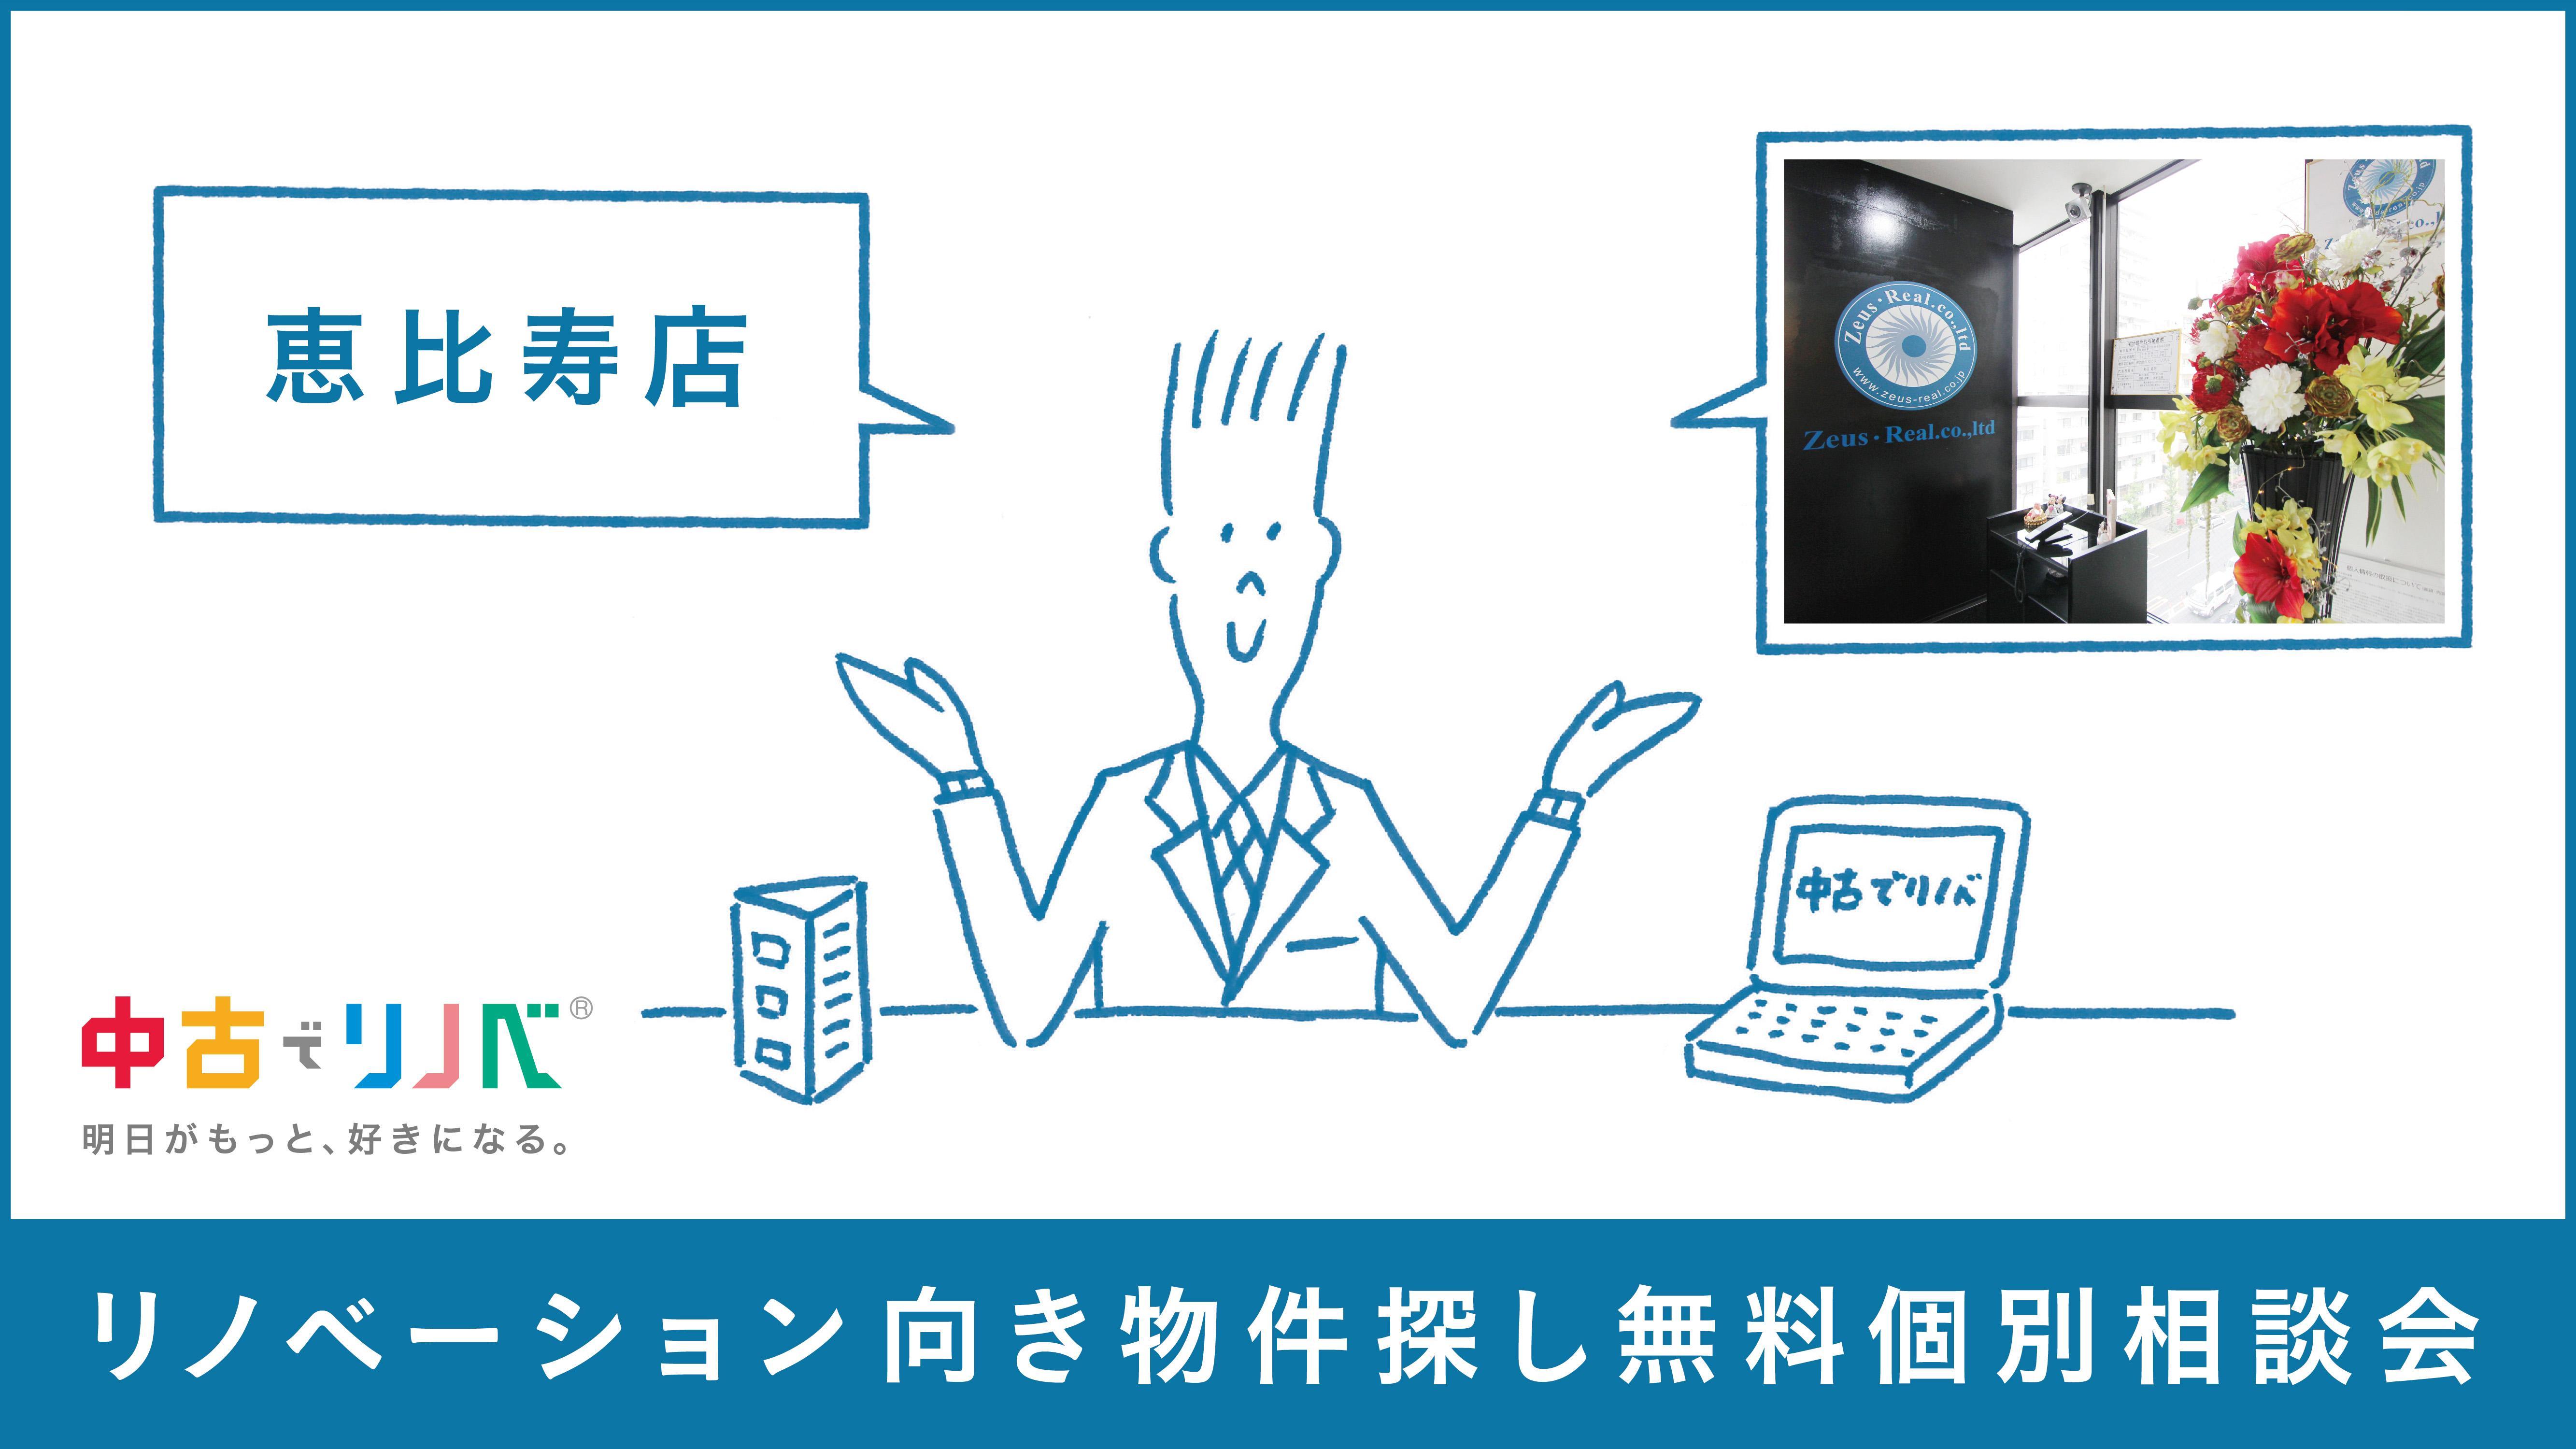 【1/12(土)13(日)14(月・祝) in恵比寿】リノベーション向き物件探し無料個別相談会